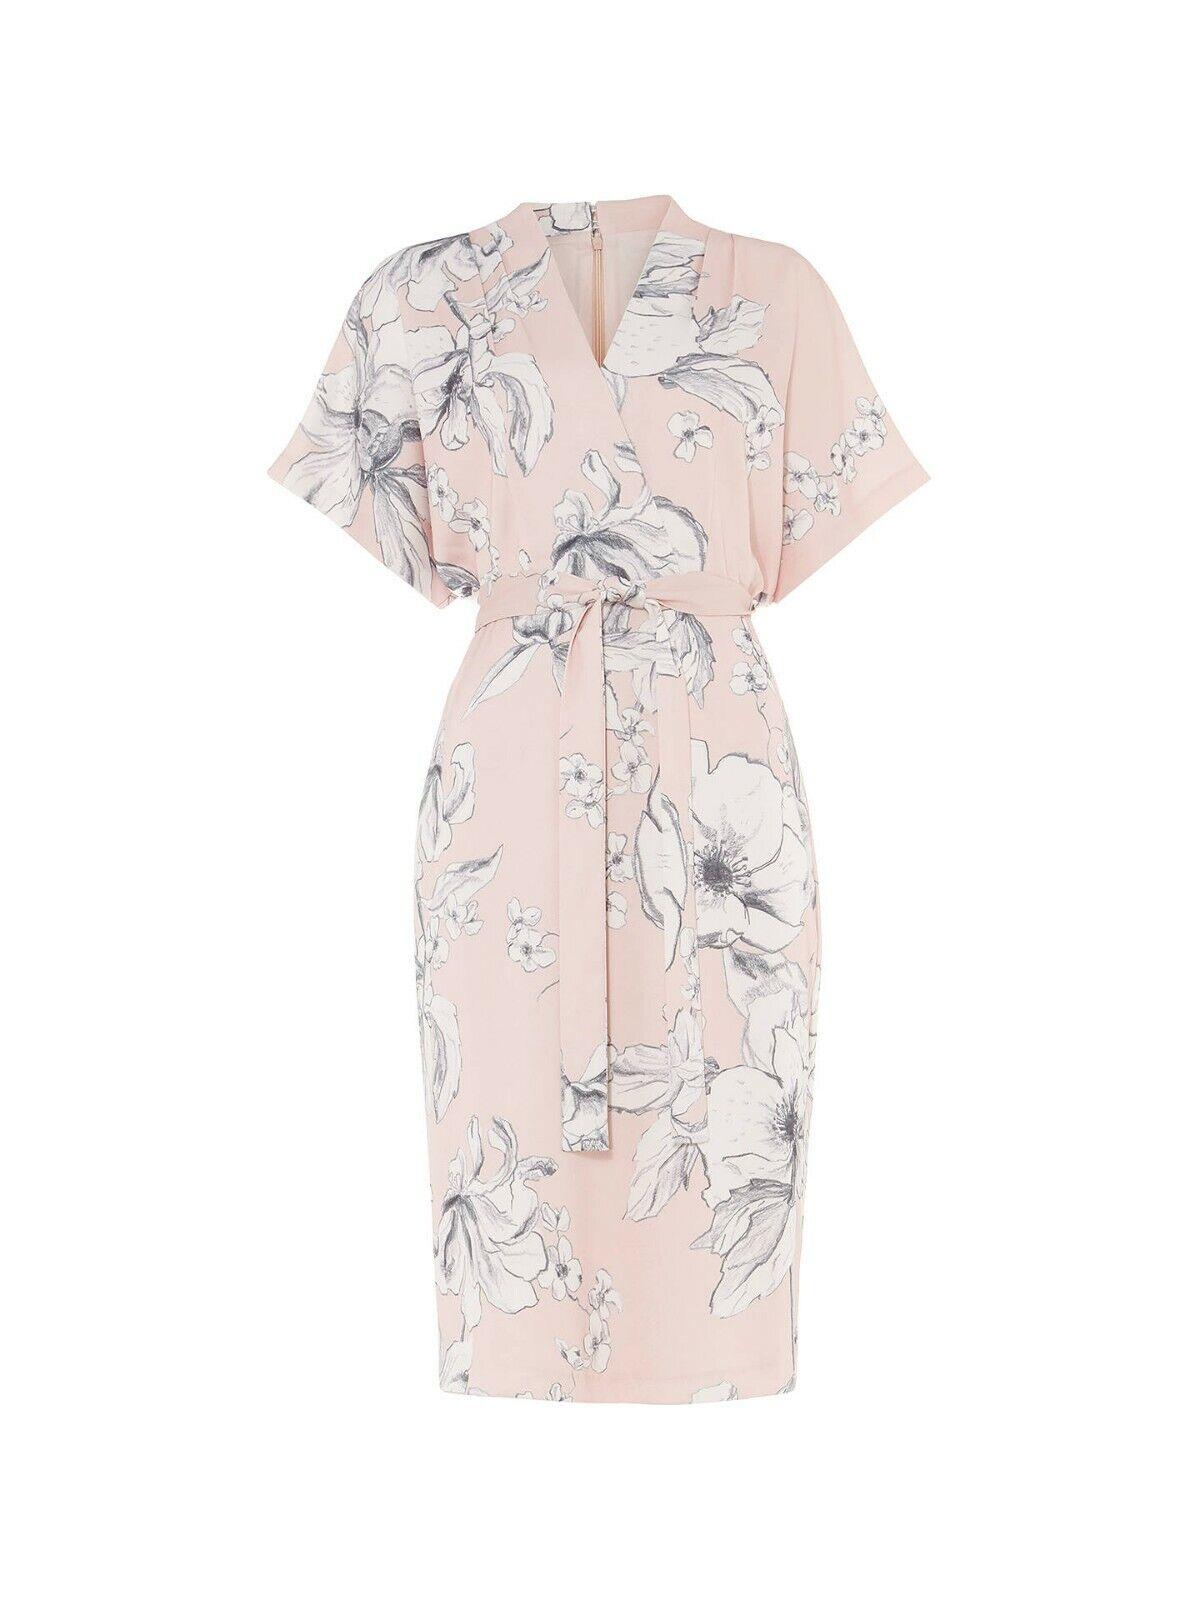 Nouveau Phase Eight Paige Floral Pâle Abricot Robe Tailles UK 14